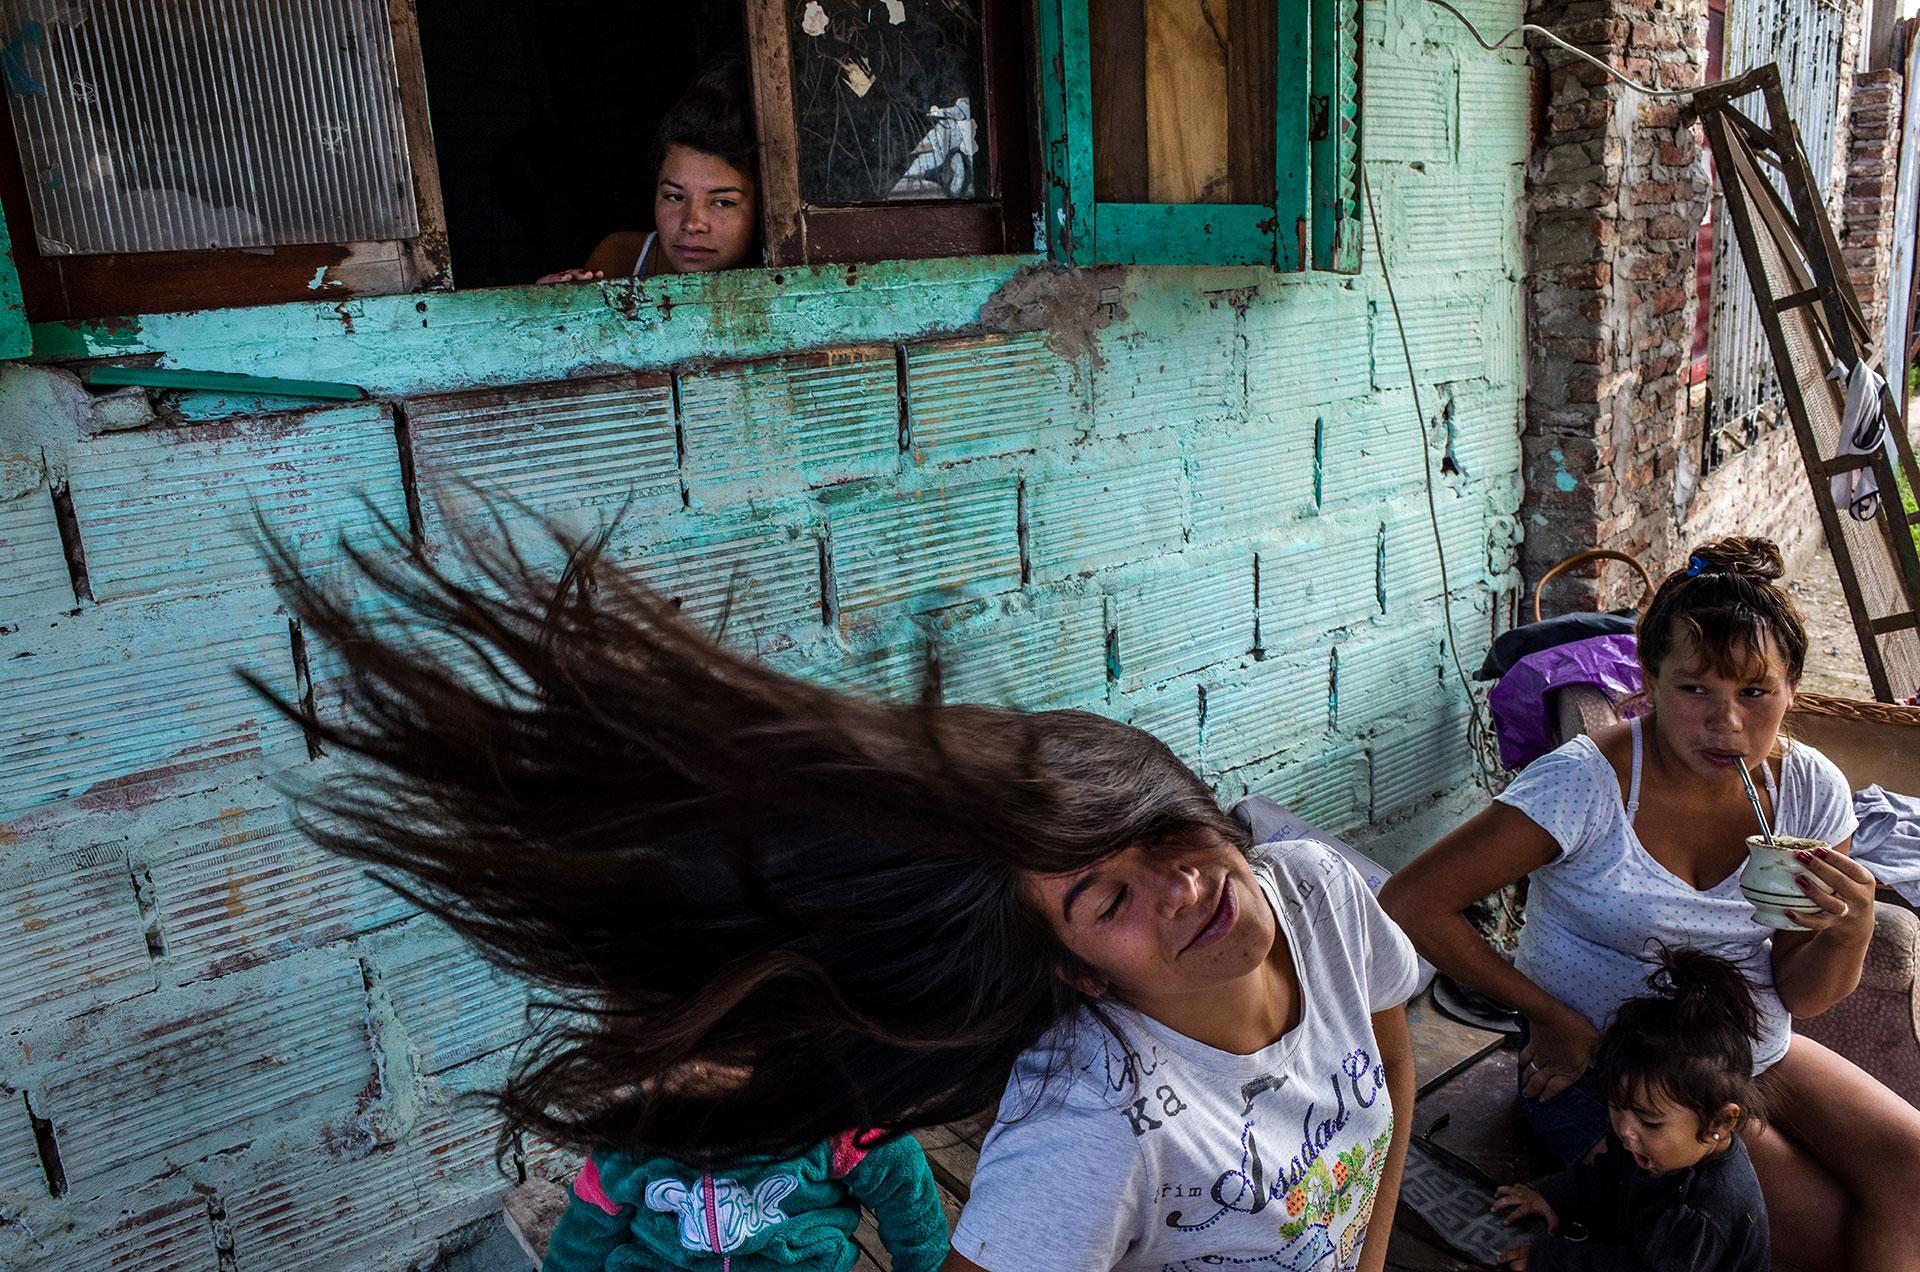 Maira Giménez, de 19 años, frente a la casa de su tía con sus primos. Cuando tenía 5 años, su padrastro comenzó a maltratarla y a golpear a sus hermanos. Después de la muerte de su madre, su hermano comenzó a consumir la droga Paco. Fue asesinado por un oficial de policía. En 2016 Maira perdió su hogar debido a un incendio.